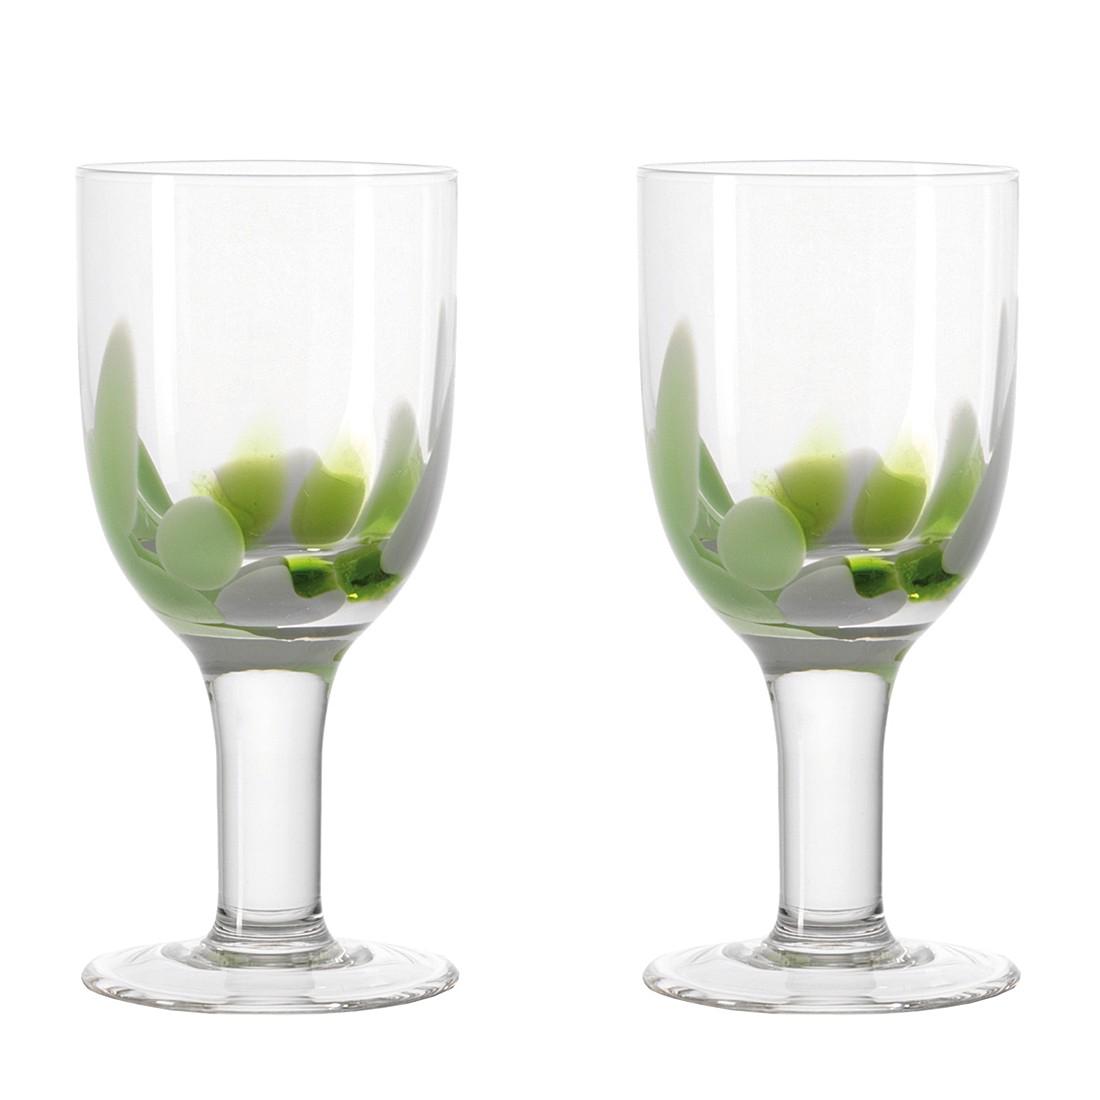 Weißweingläser Dots (2er-Set) – Grün, Leonardo jetzt kaufen